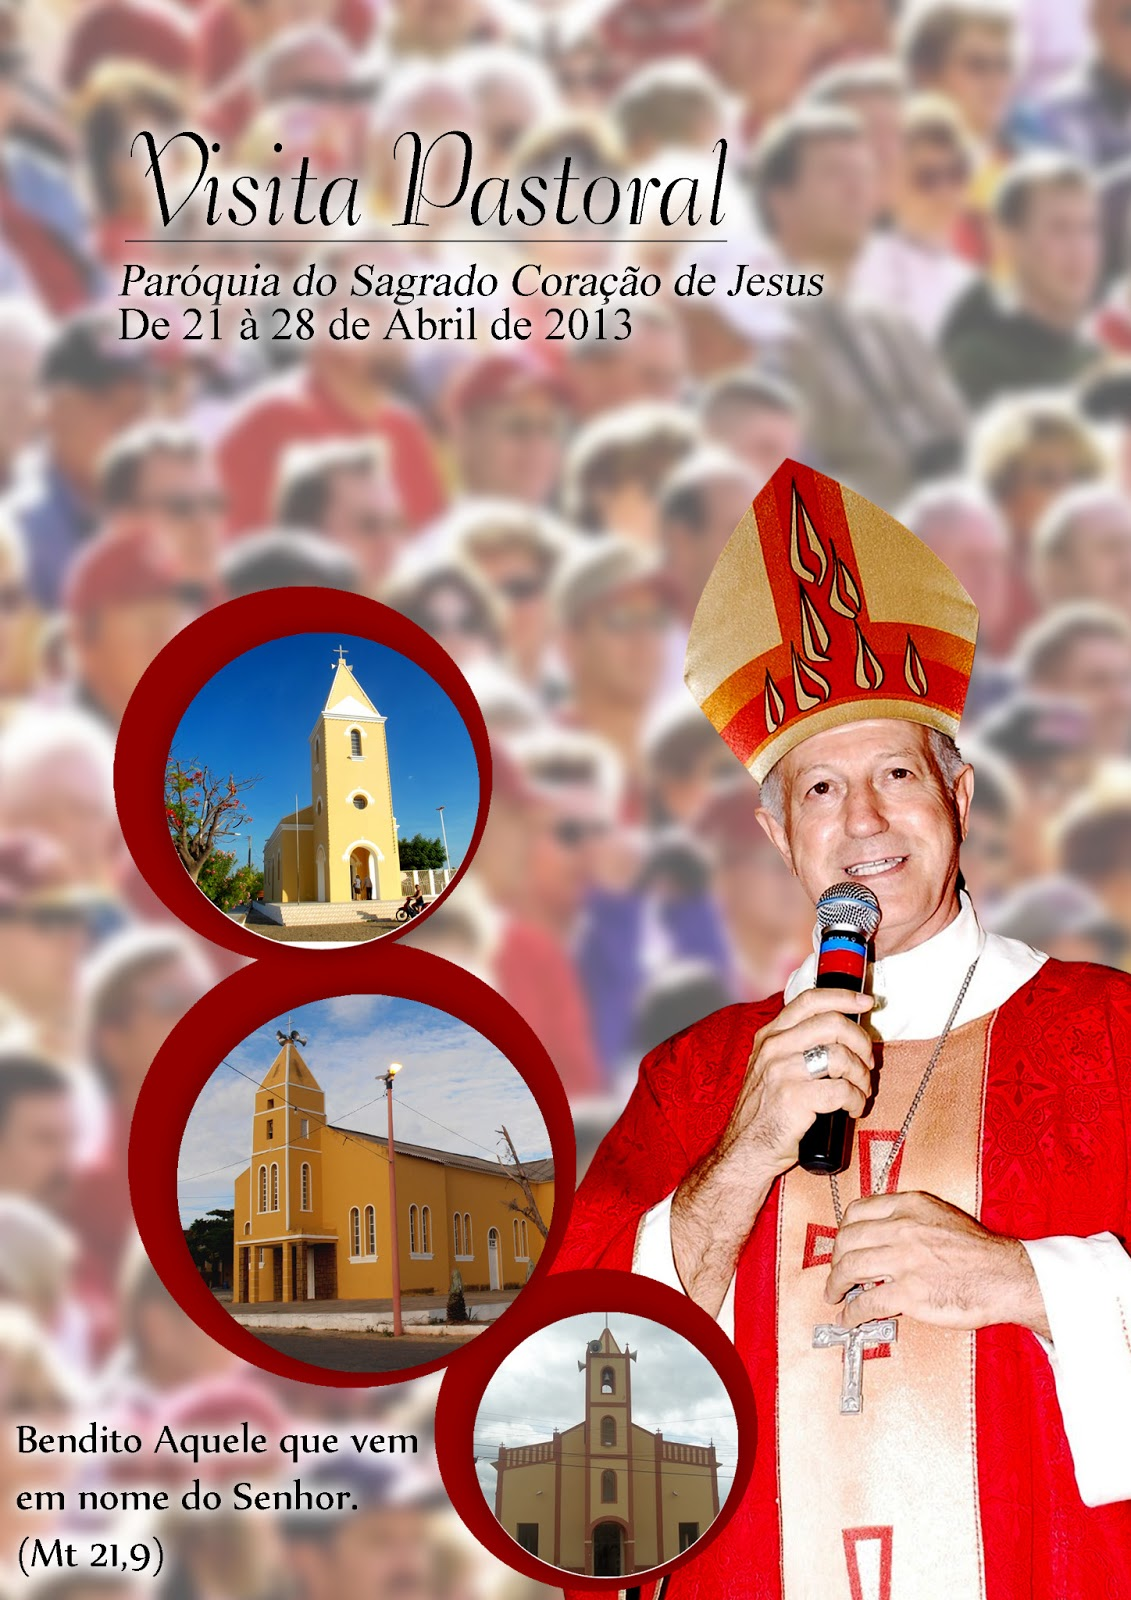 Programação completa da Visita Pastoral de 21 a 28 de Abril